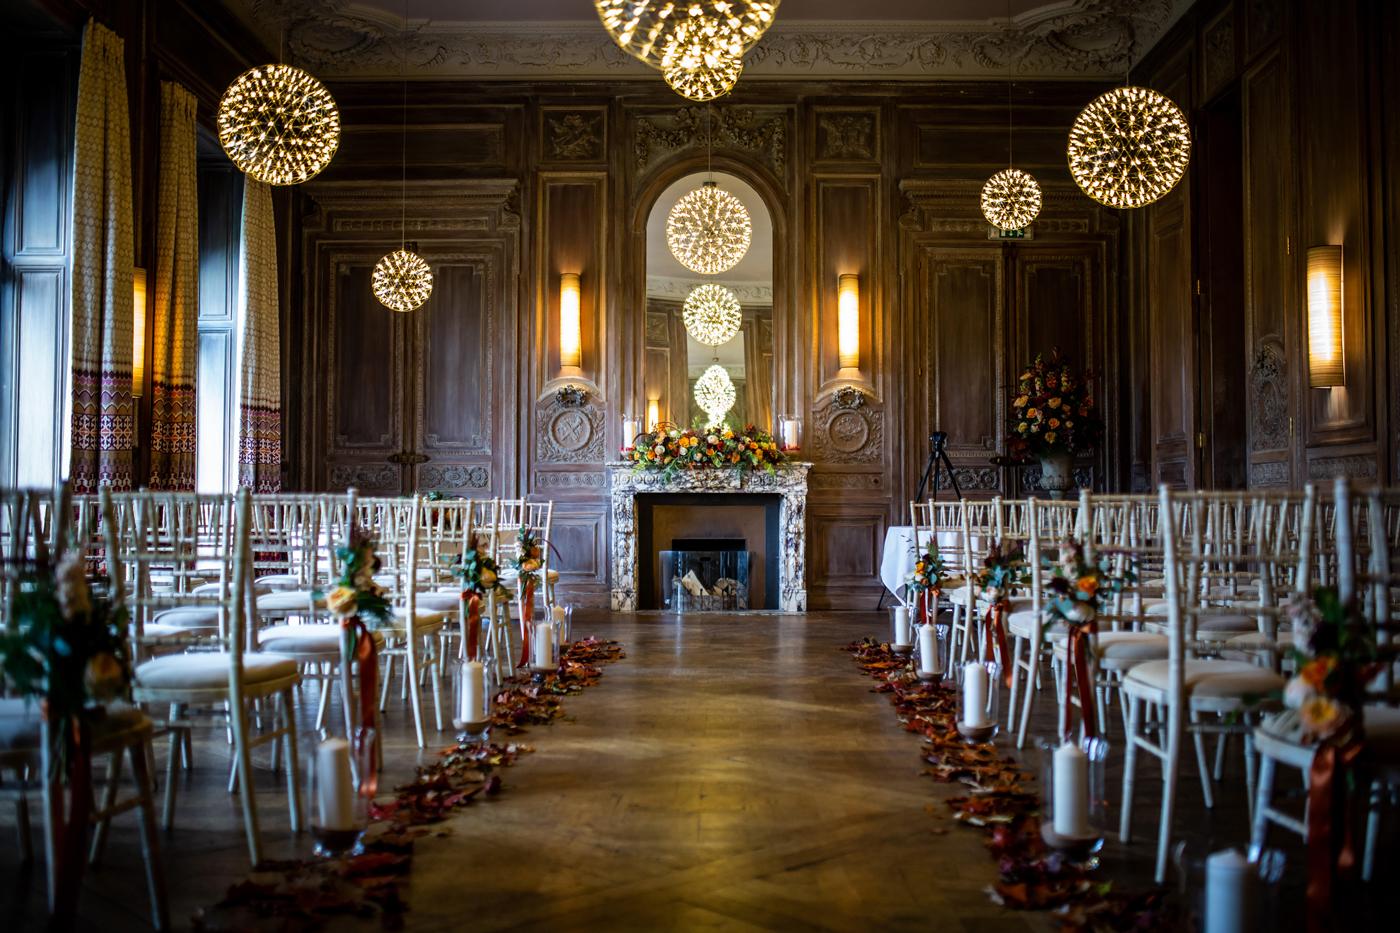 Cowley Manor ceremony room